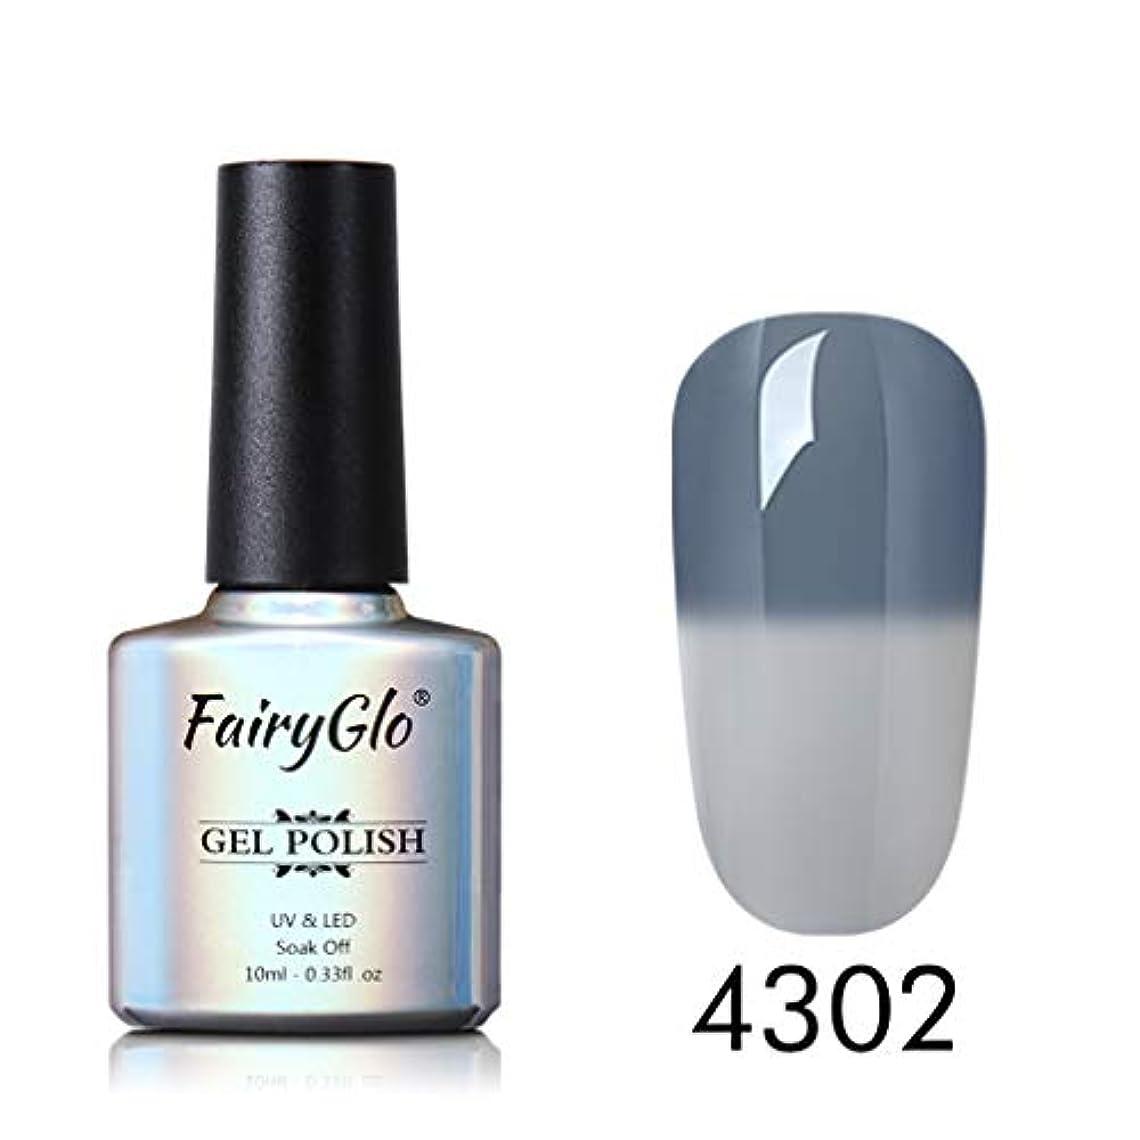 カイウス偽物ええFairyglo ジェルネイル カラージェル グレー カメレオンカラージェル 温度により色が変化 1色入り 10ml 【全6色選択可】